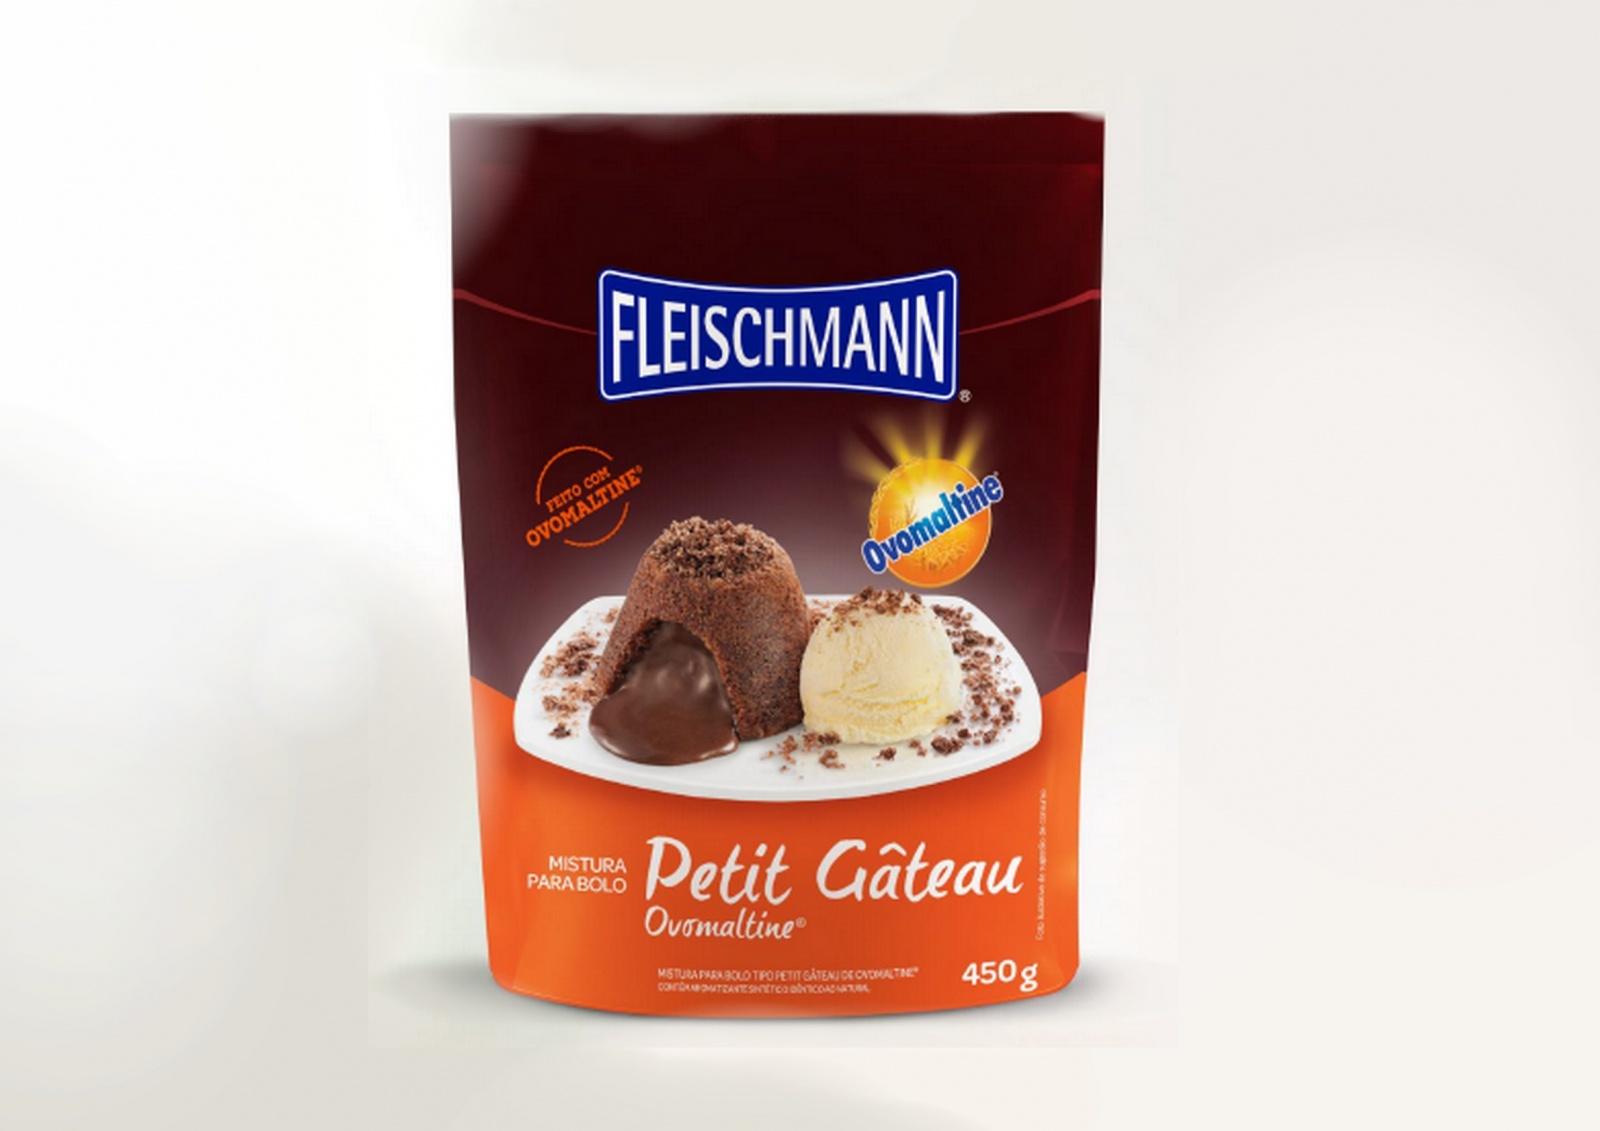 Novidade no Catálogo - Fleischmann